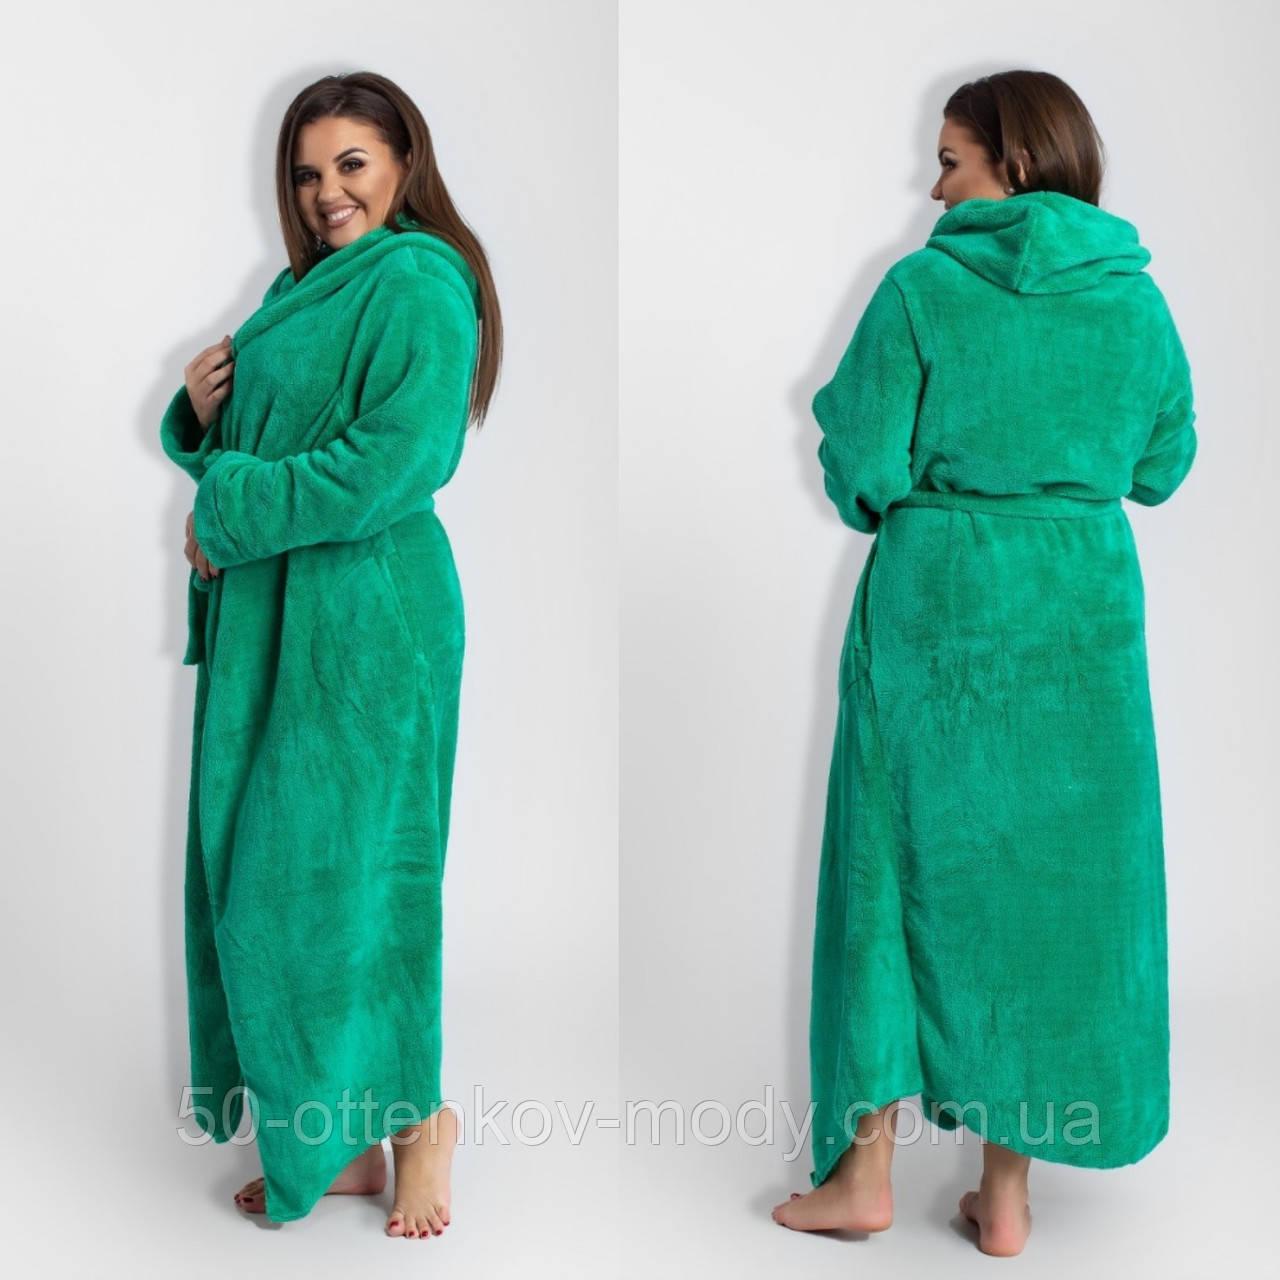 Женский теплый махровый халат длинный (турецкая махра) + большие размеры